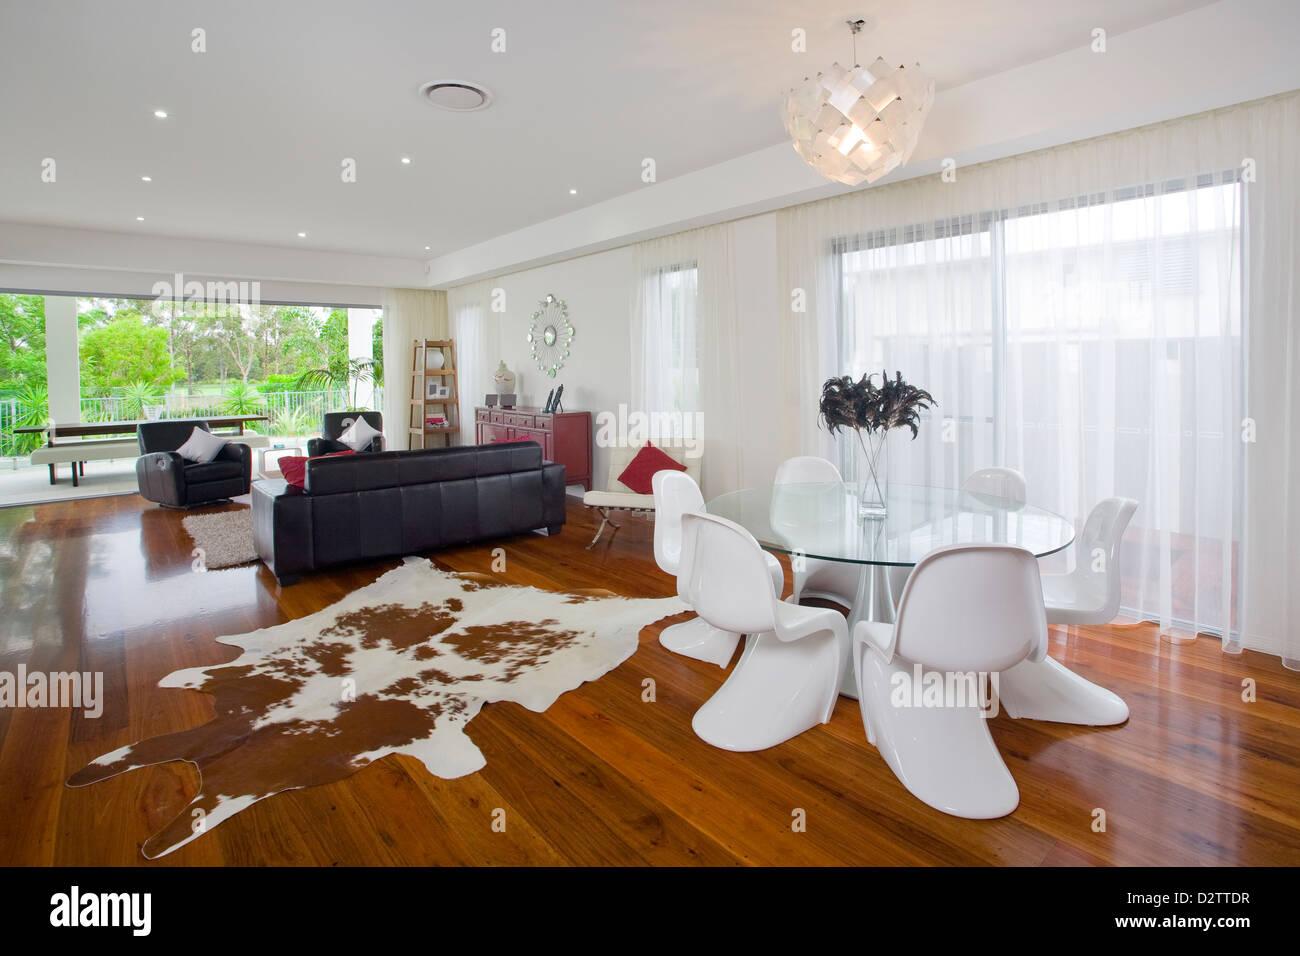 Fesselnd Modernes Wohnzimmer In Australischen Herrenhaus